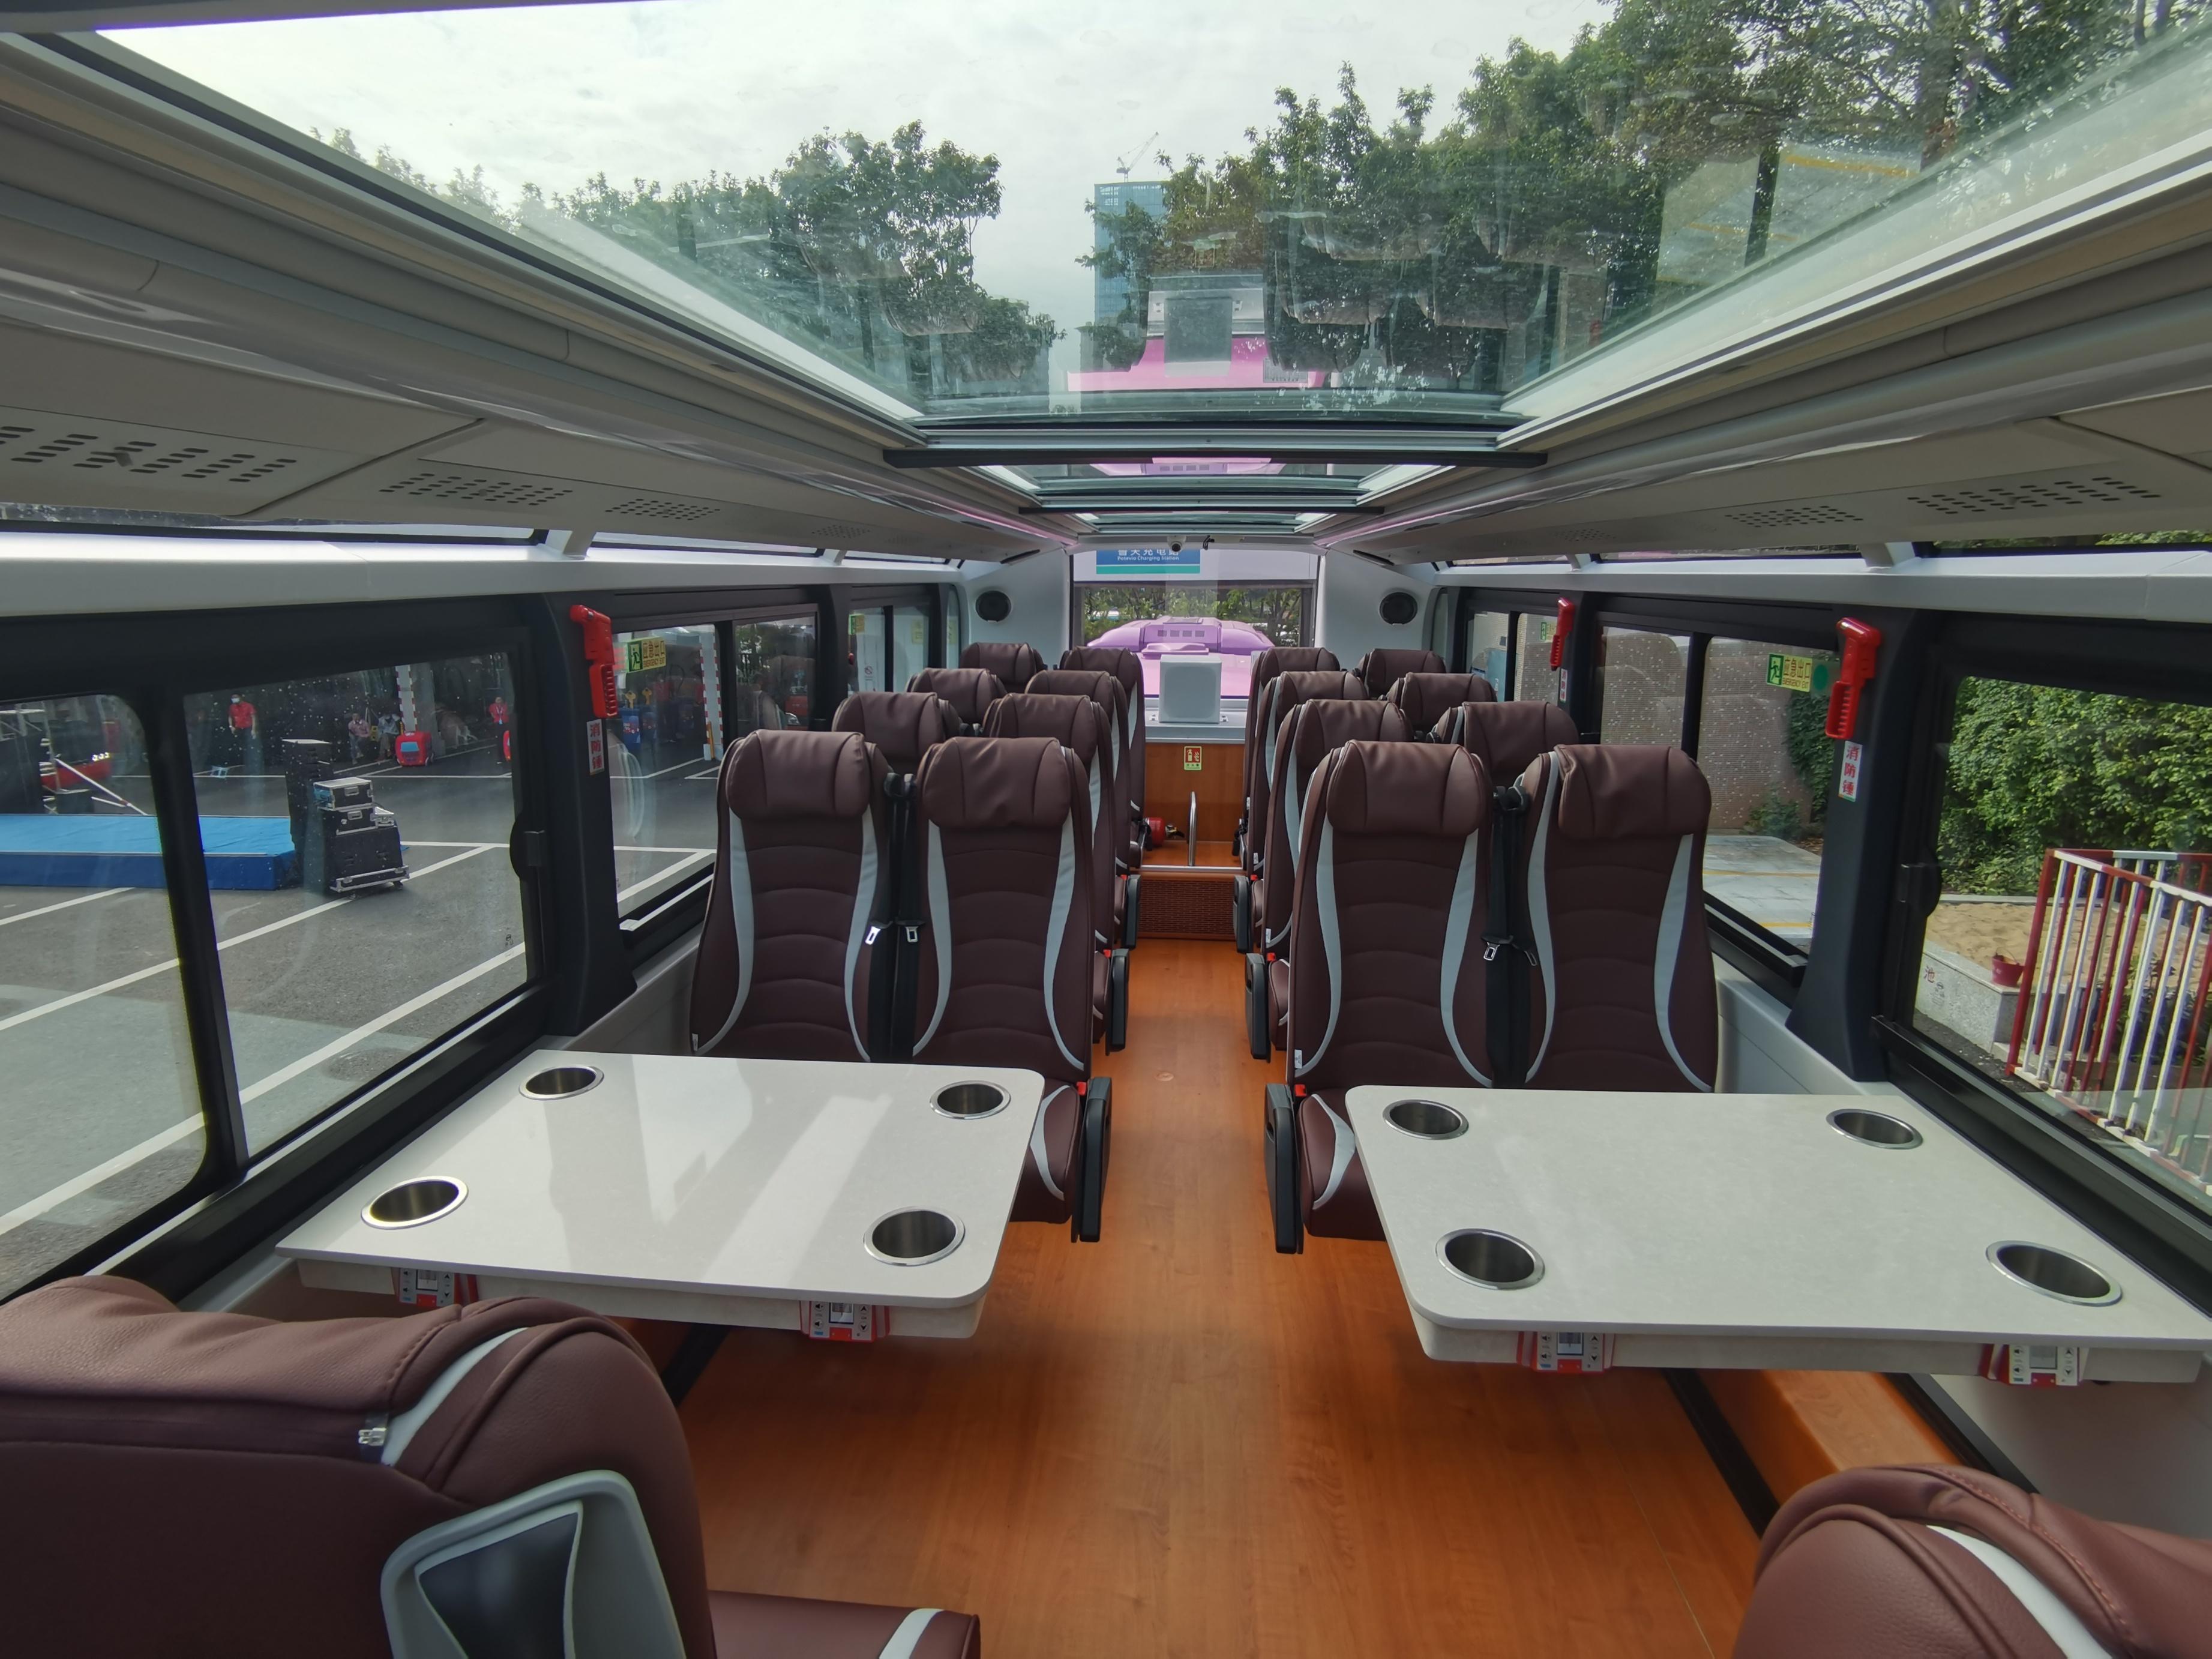 以科技為主題的「科技巴士」 。(香港文匯網記者郭若溪 攝)